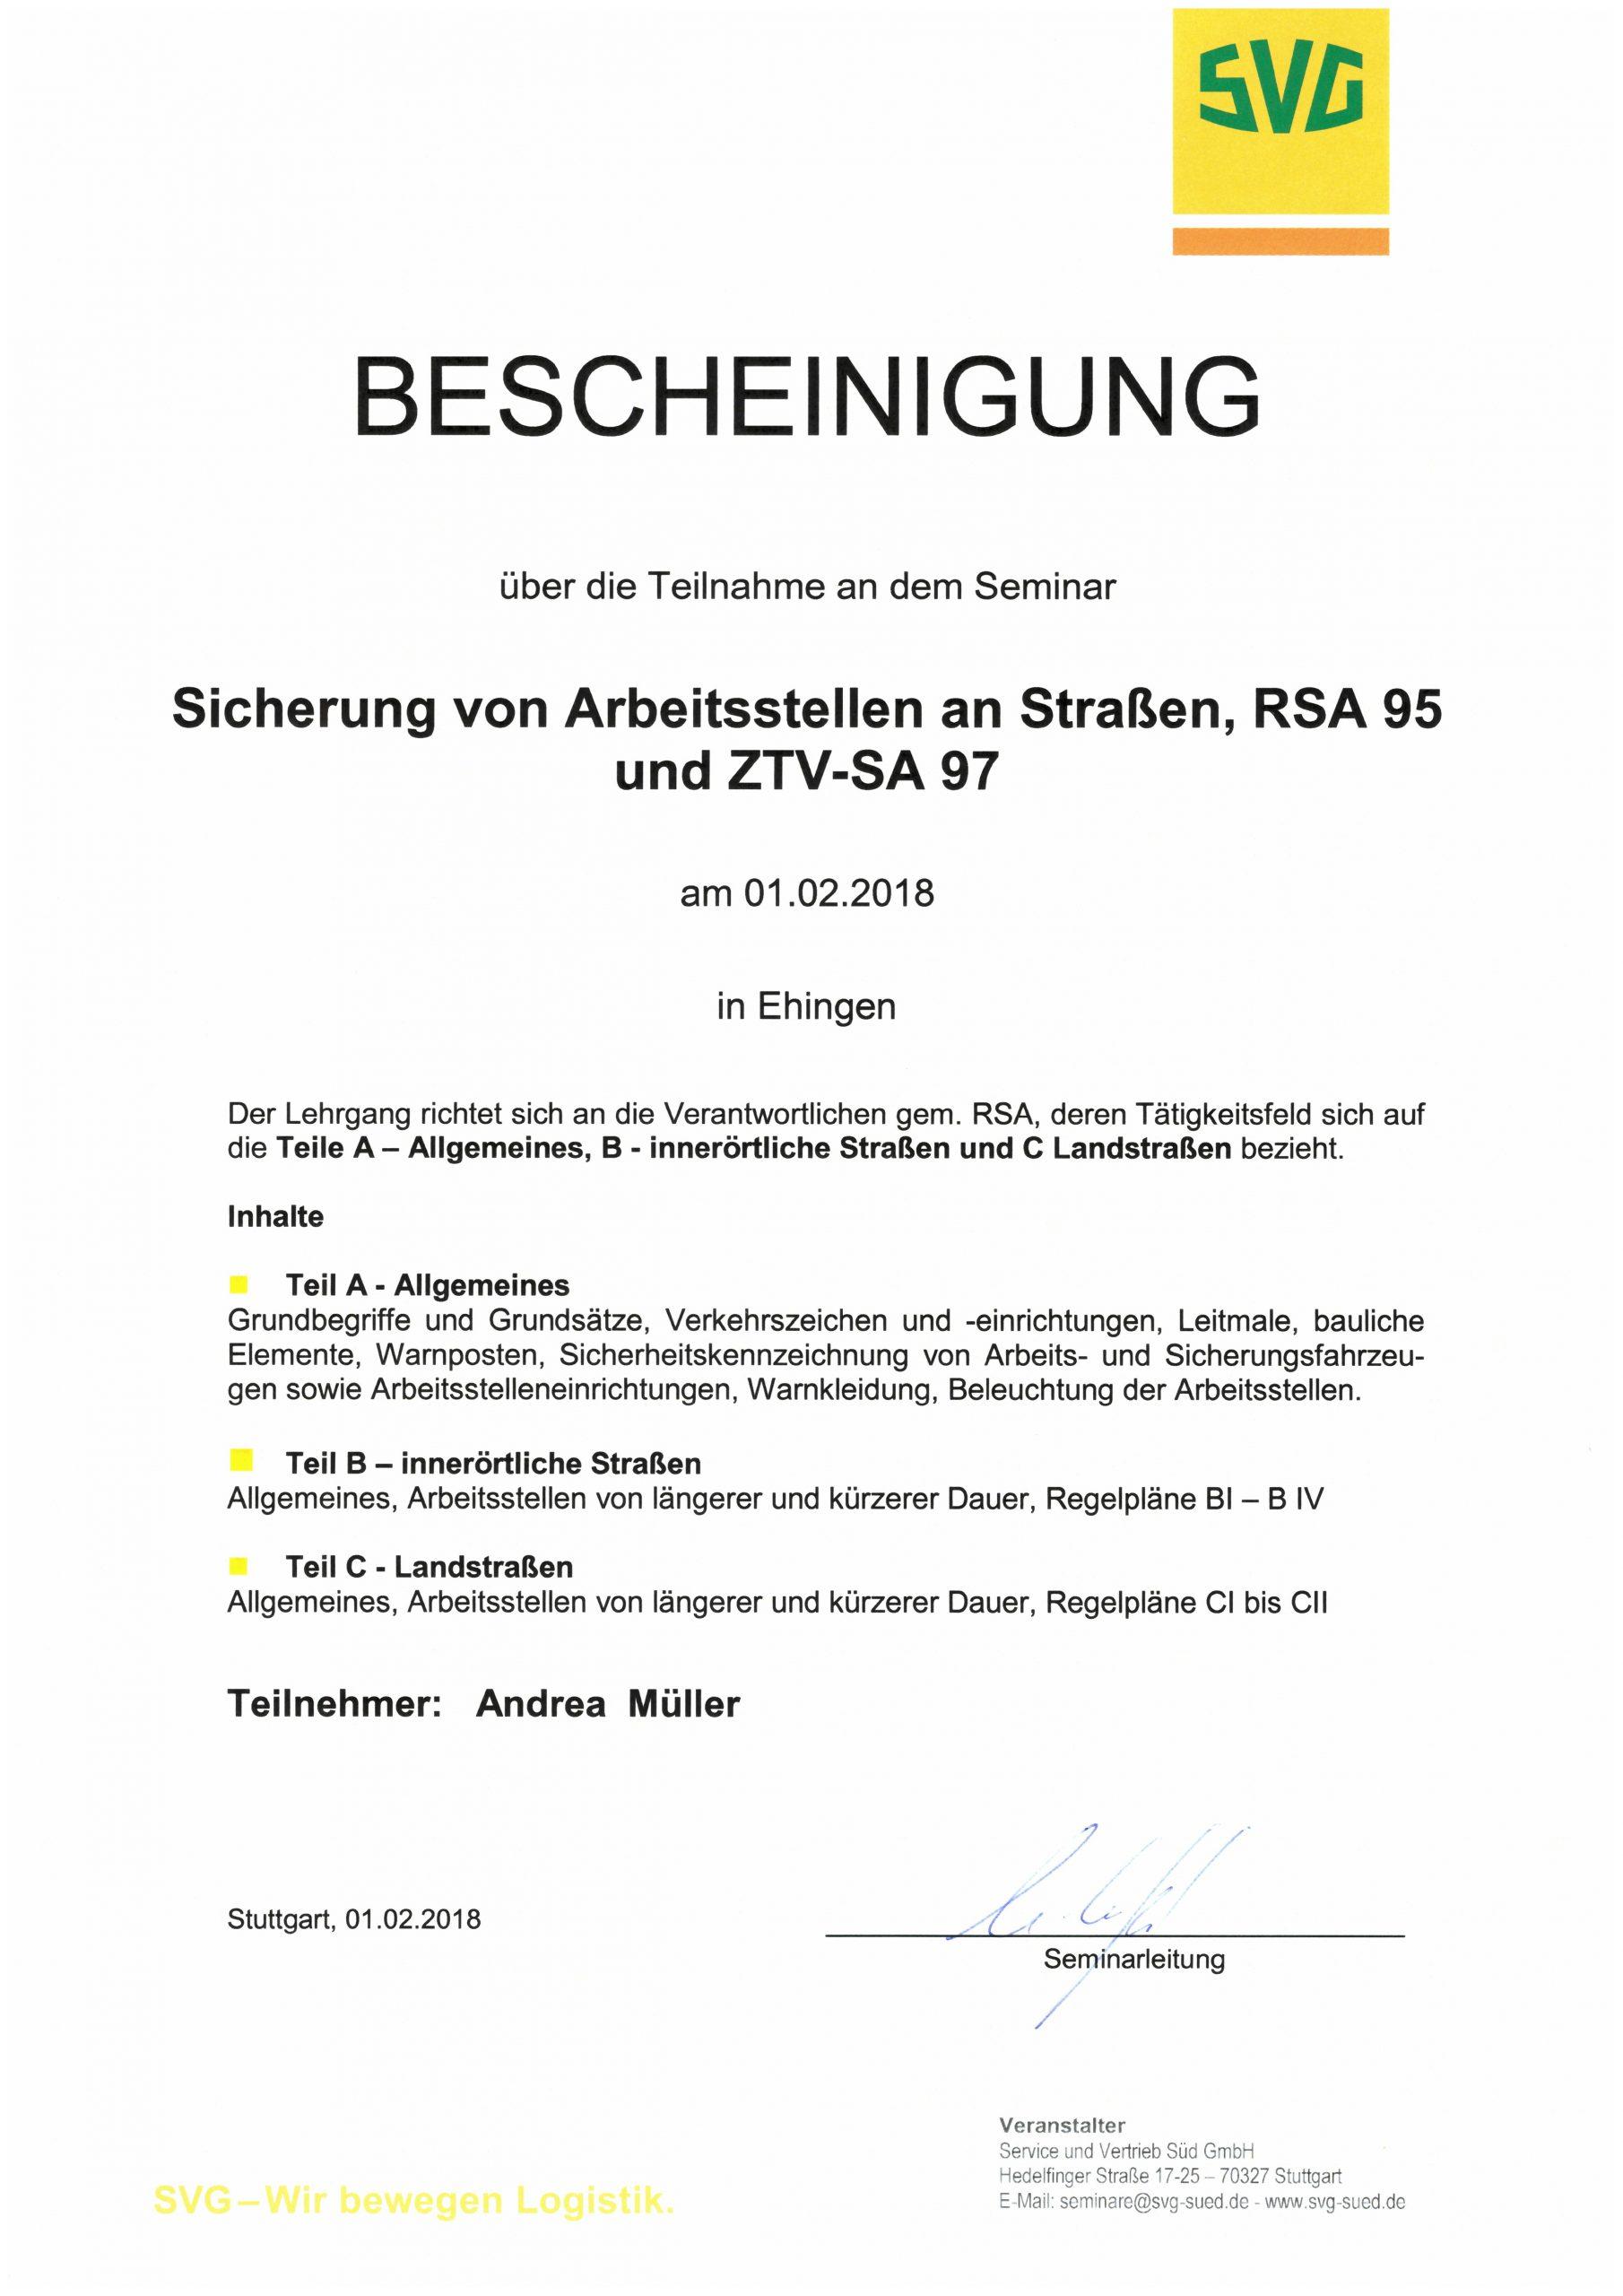 Seminarbescheinigung zur Sicherung von Arbeitsstellen an Straßen - A.Müller